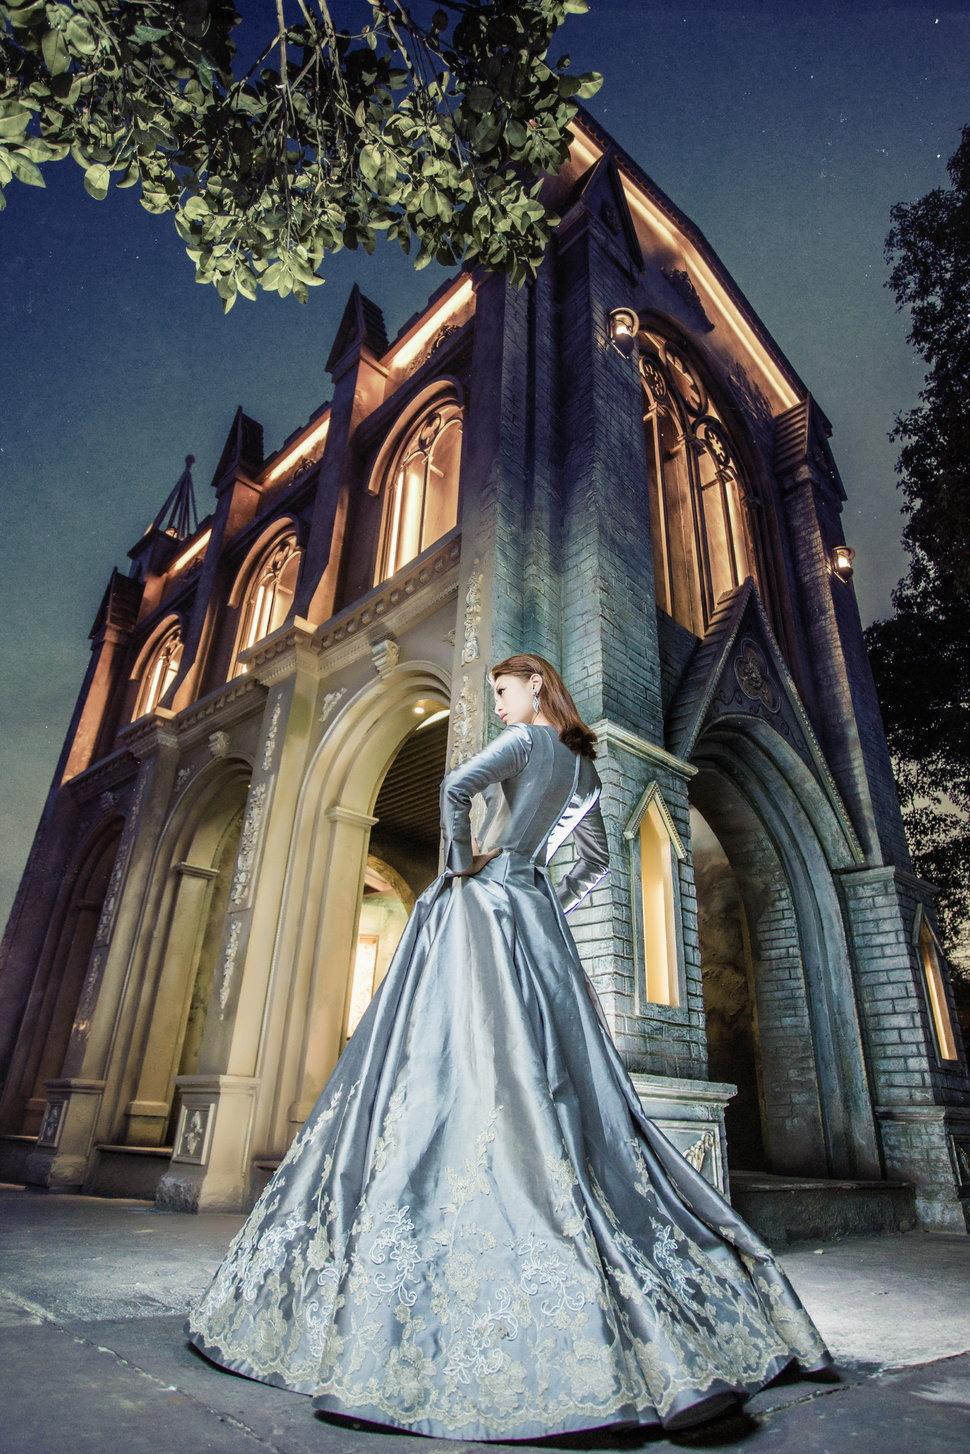 希臘婚禮 婚紗 攝影 手工婚紗禮服 超美(編號:377091) - 希臘婚禮  婚紗  攝影 - 結婚吧一站式婚禮服務平台